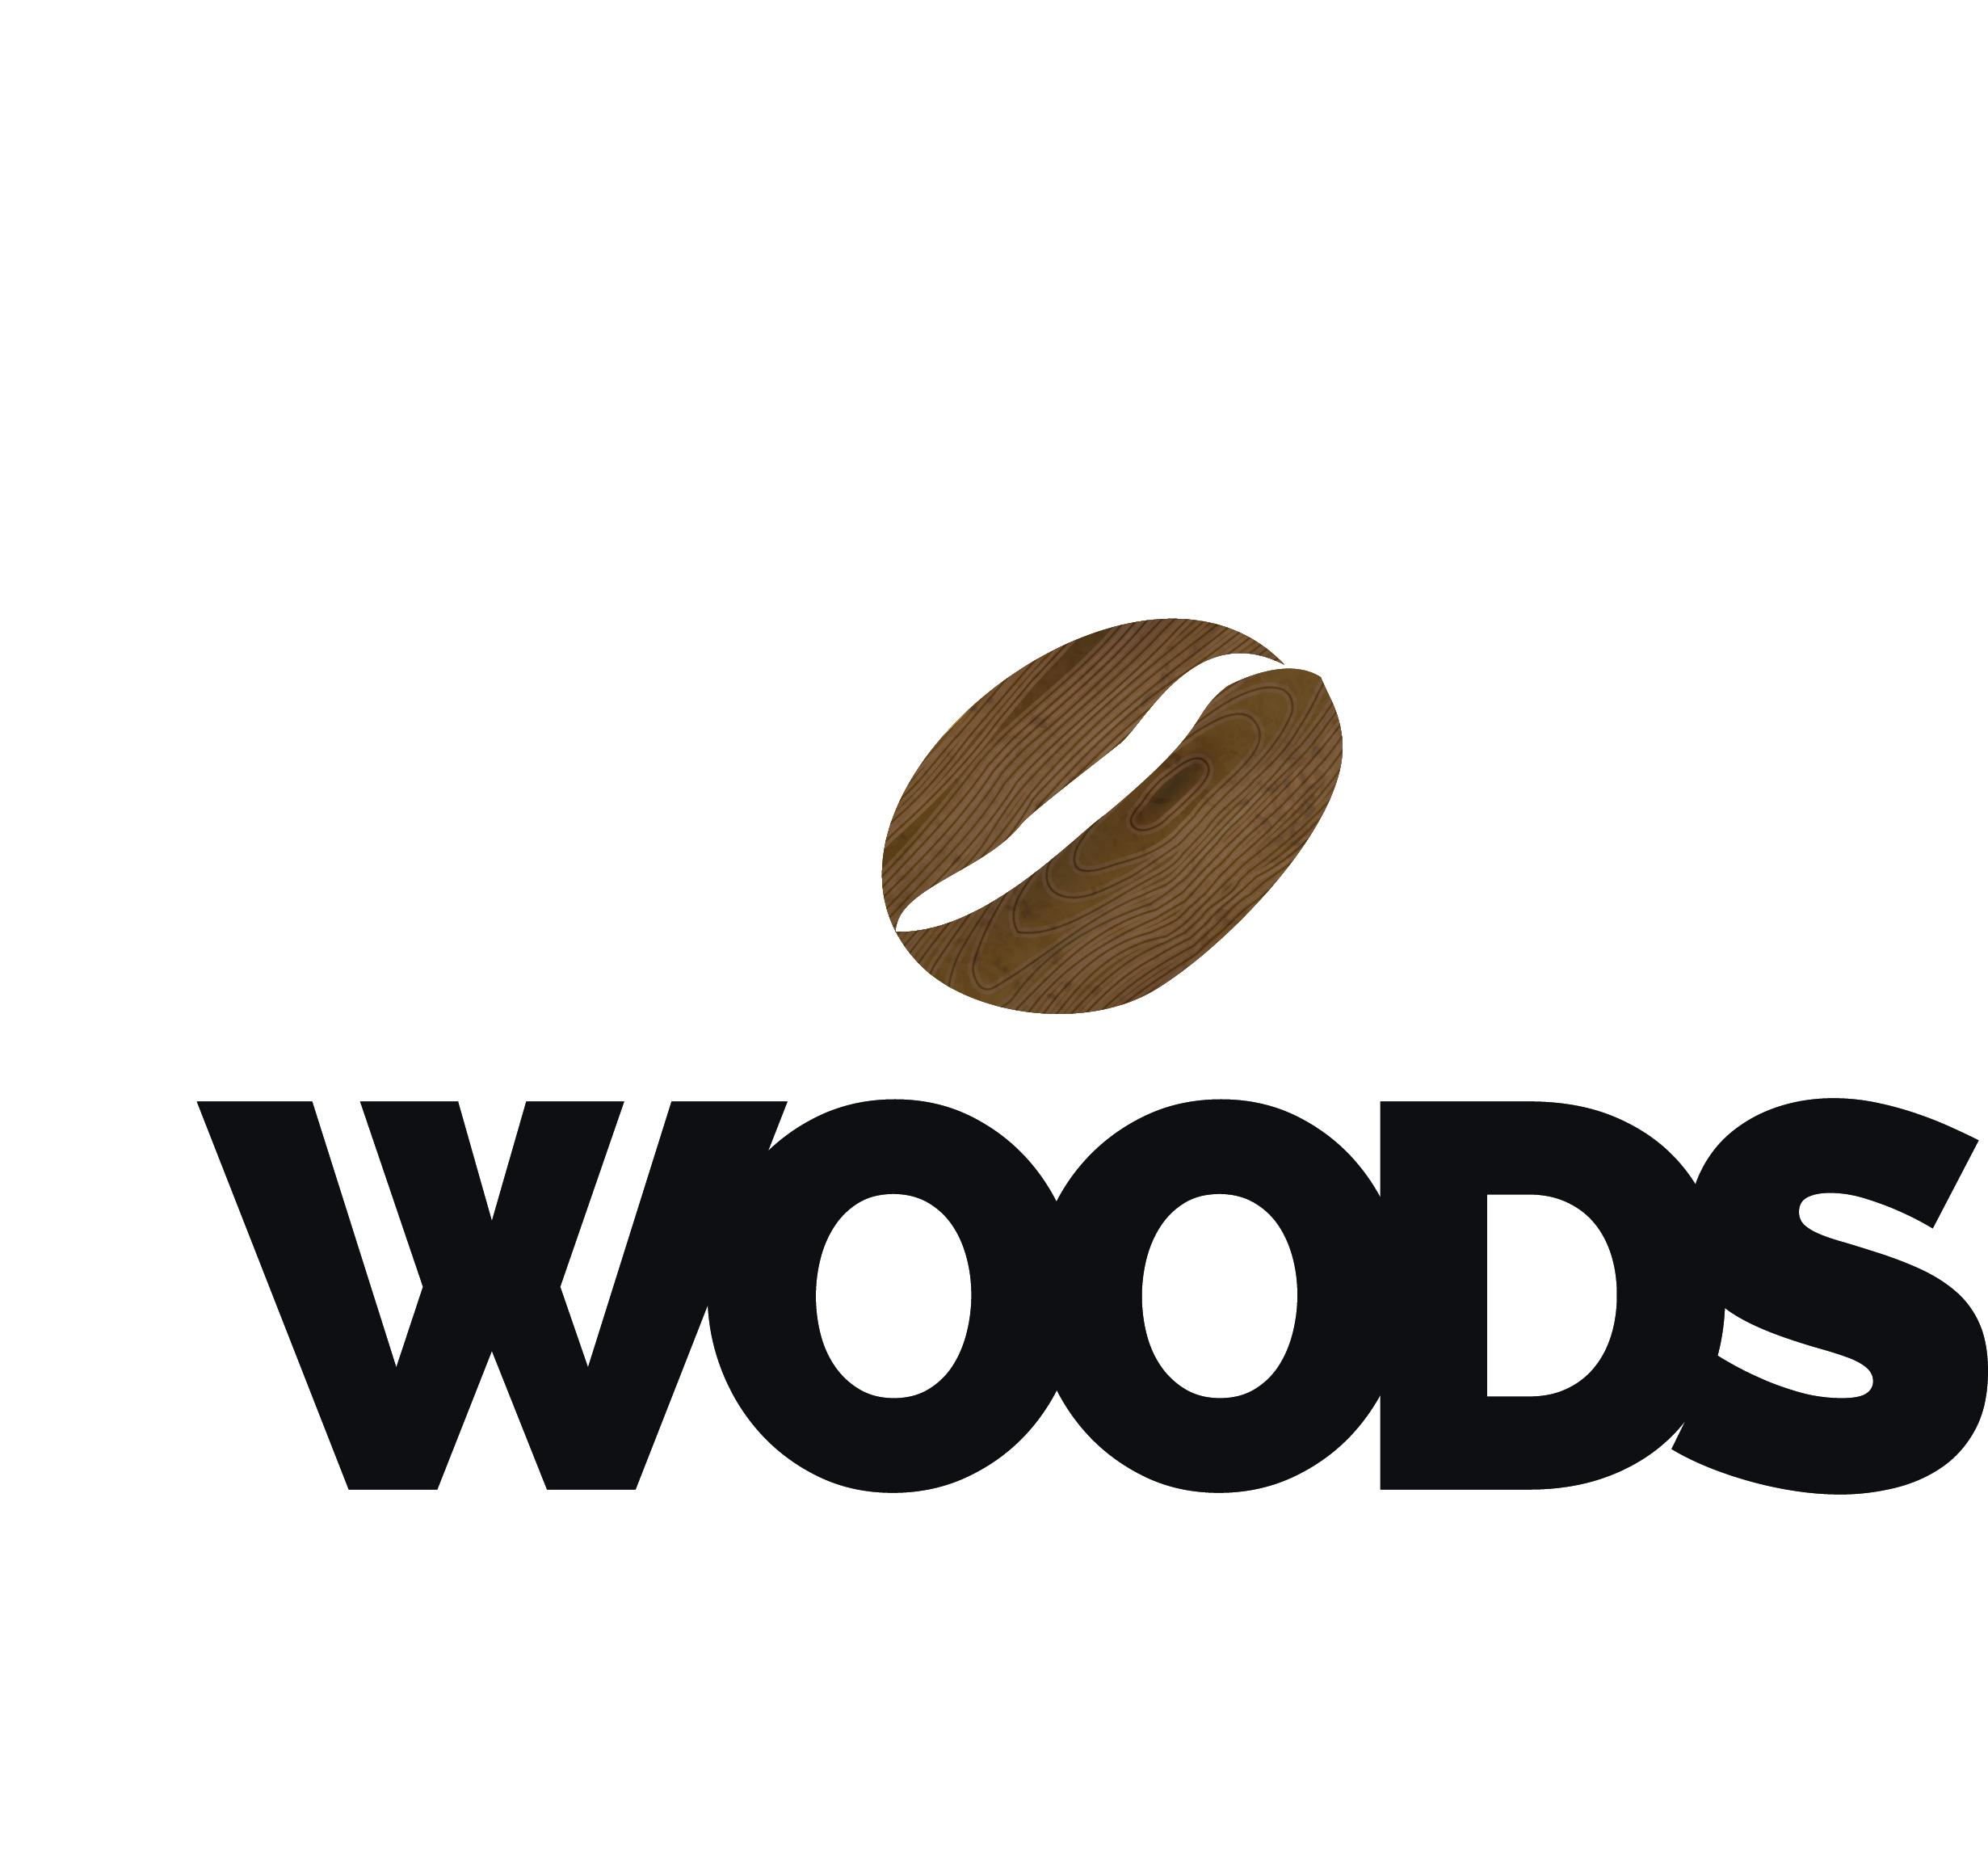 Woods Mainz